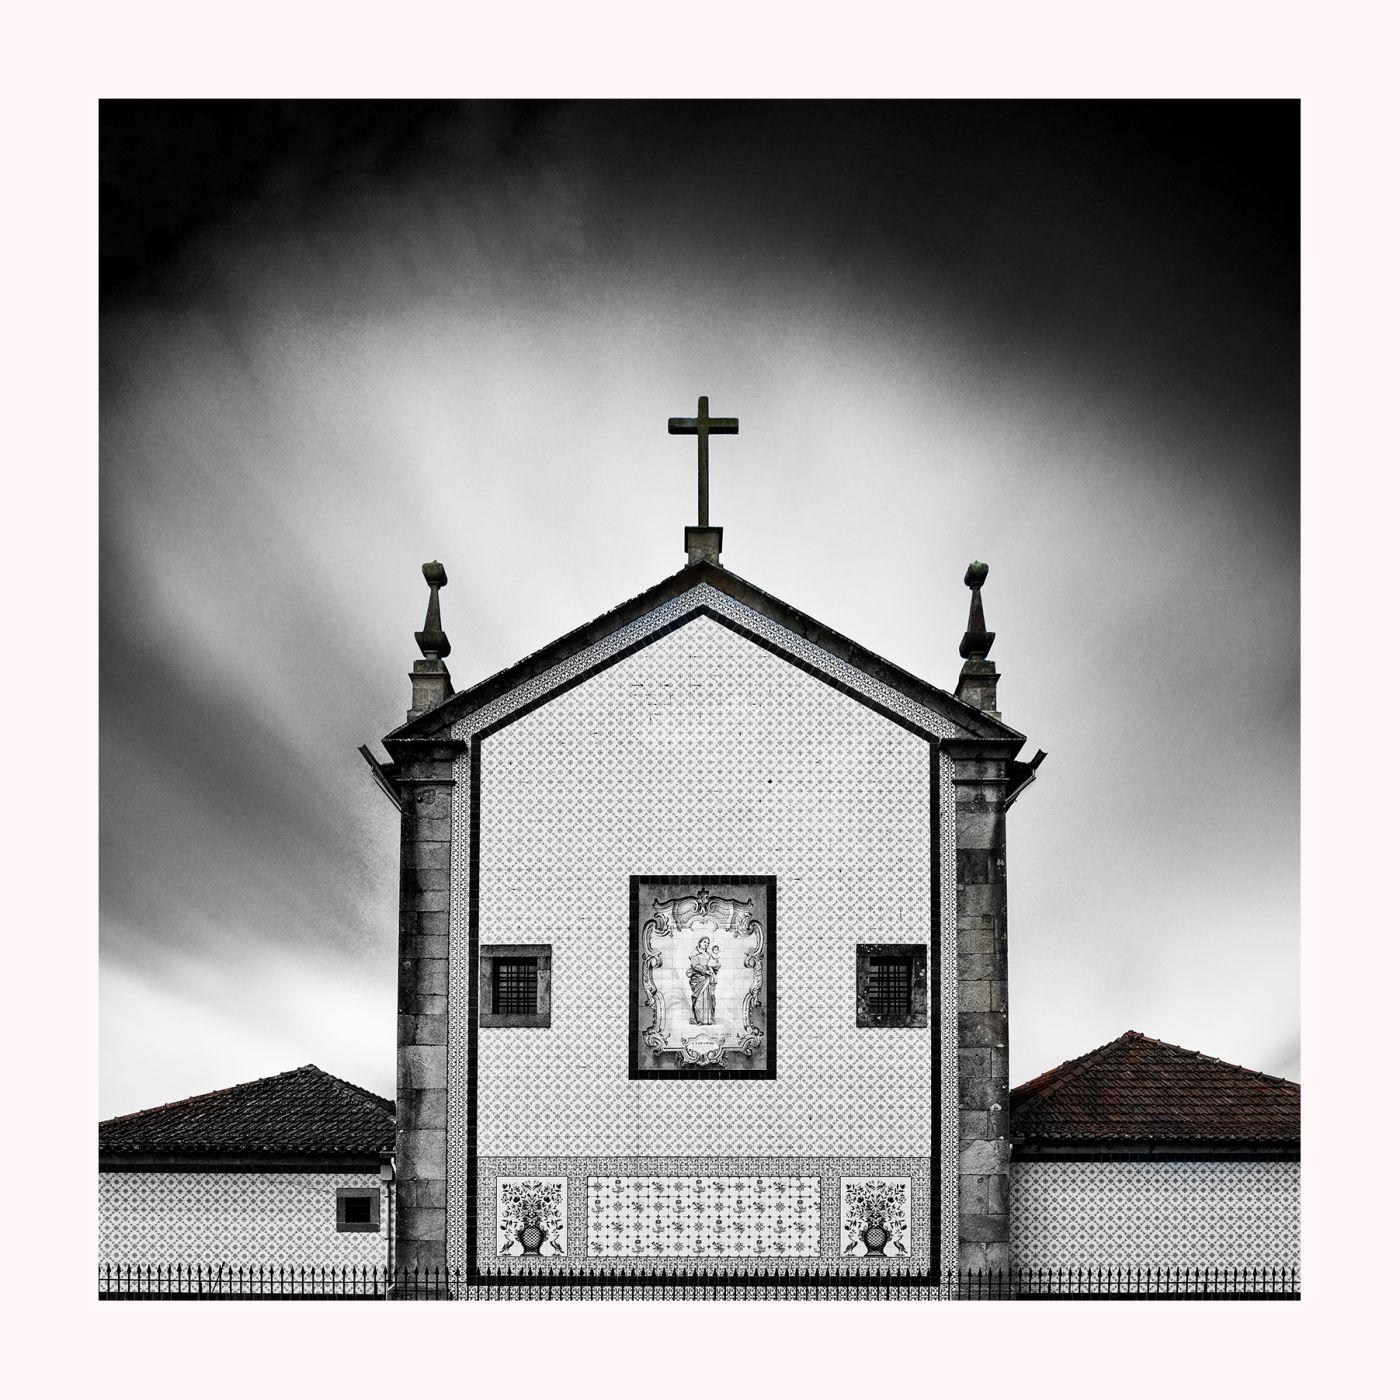 Paróquia de Santa Maria de Válega, Portugal, Portugal